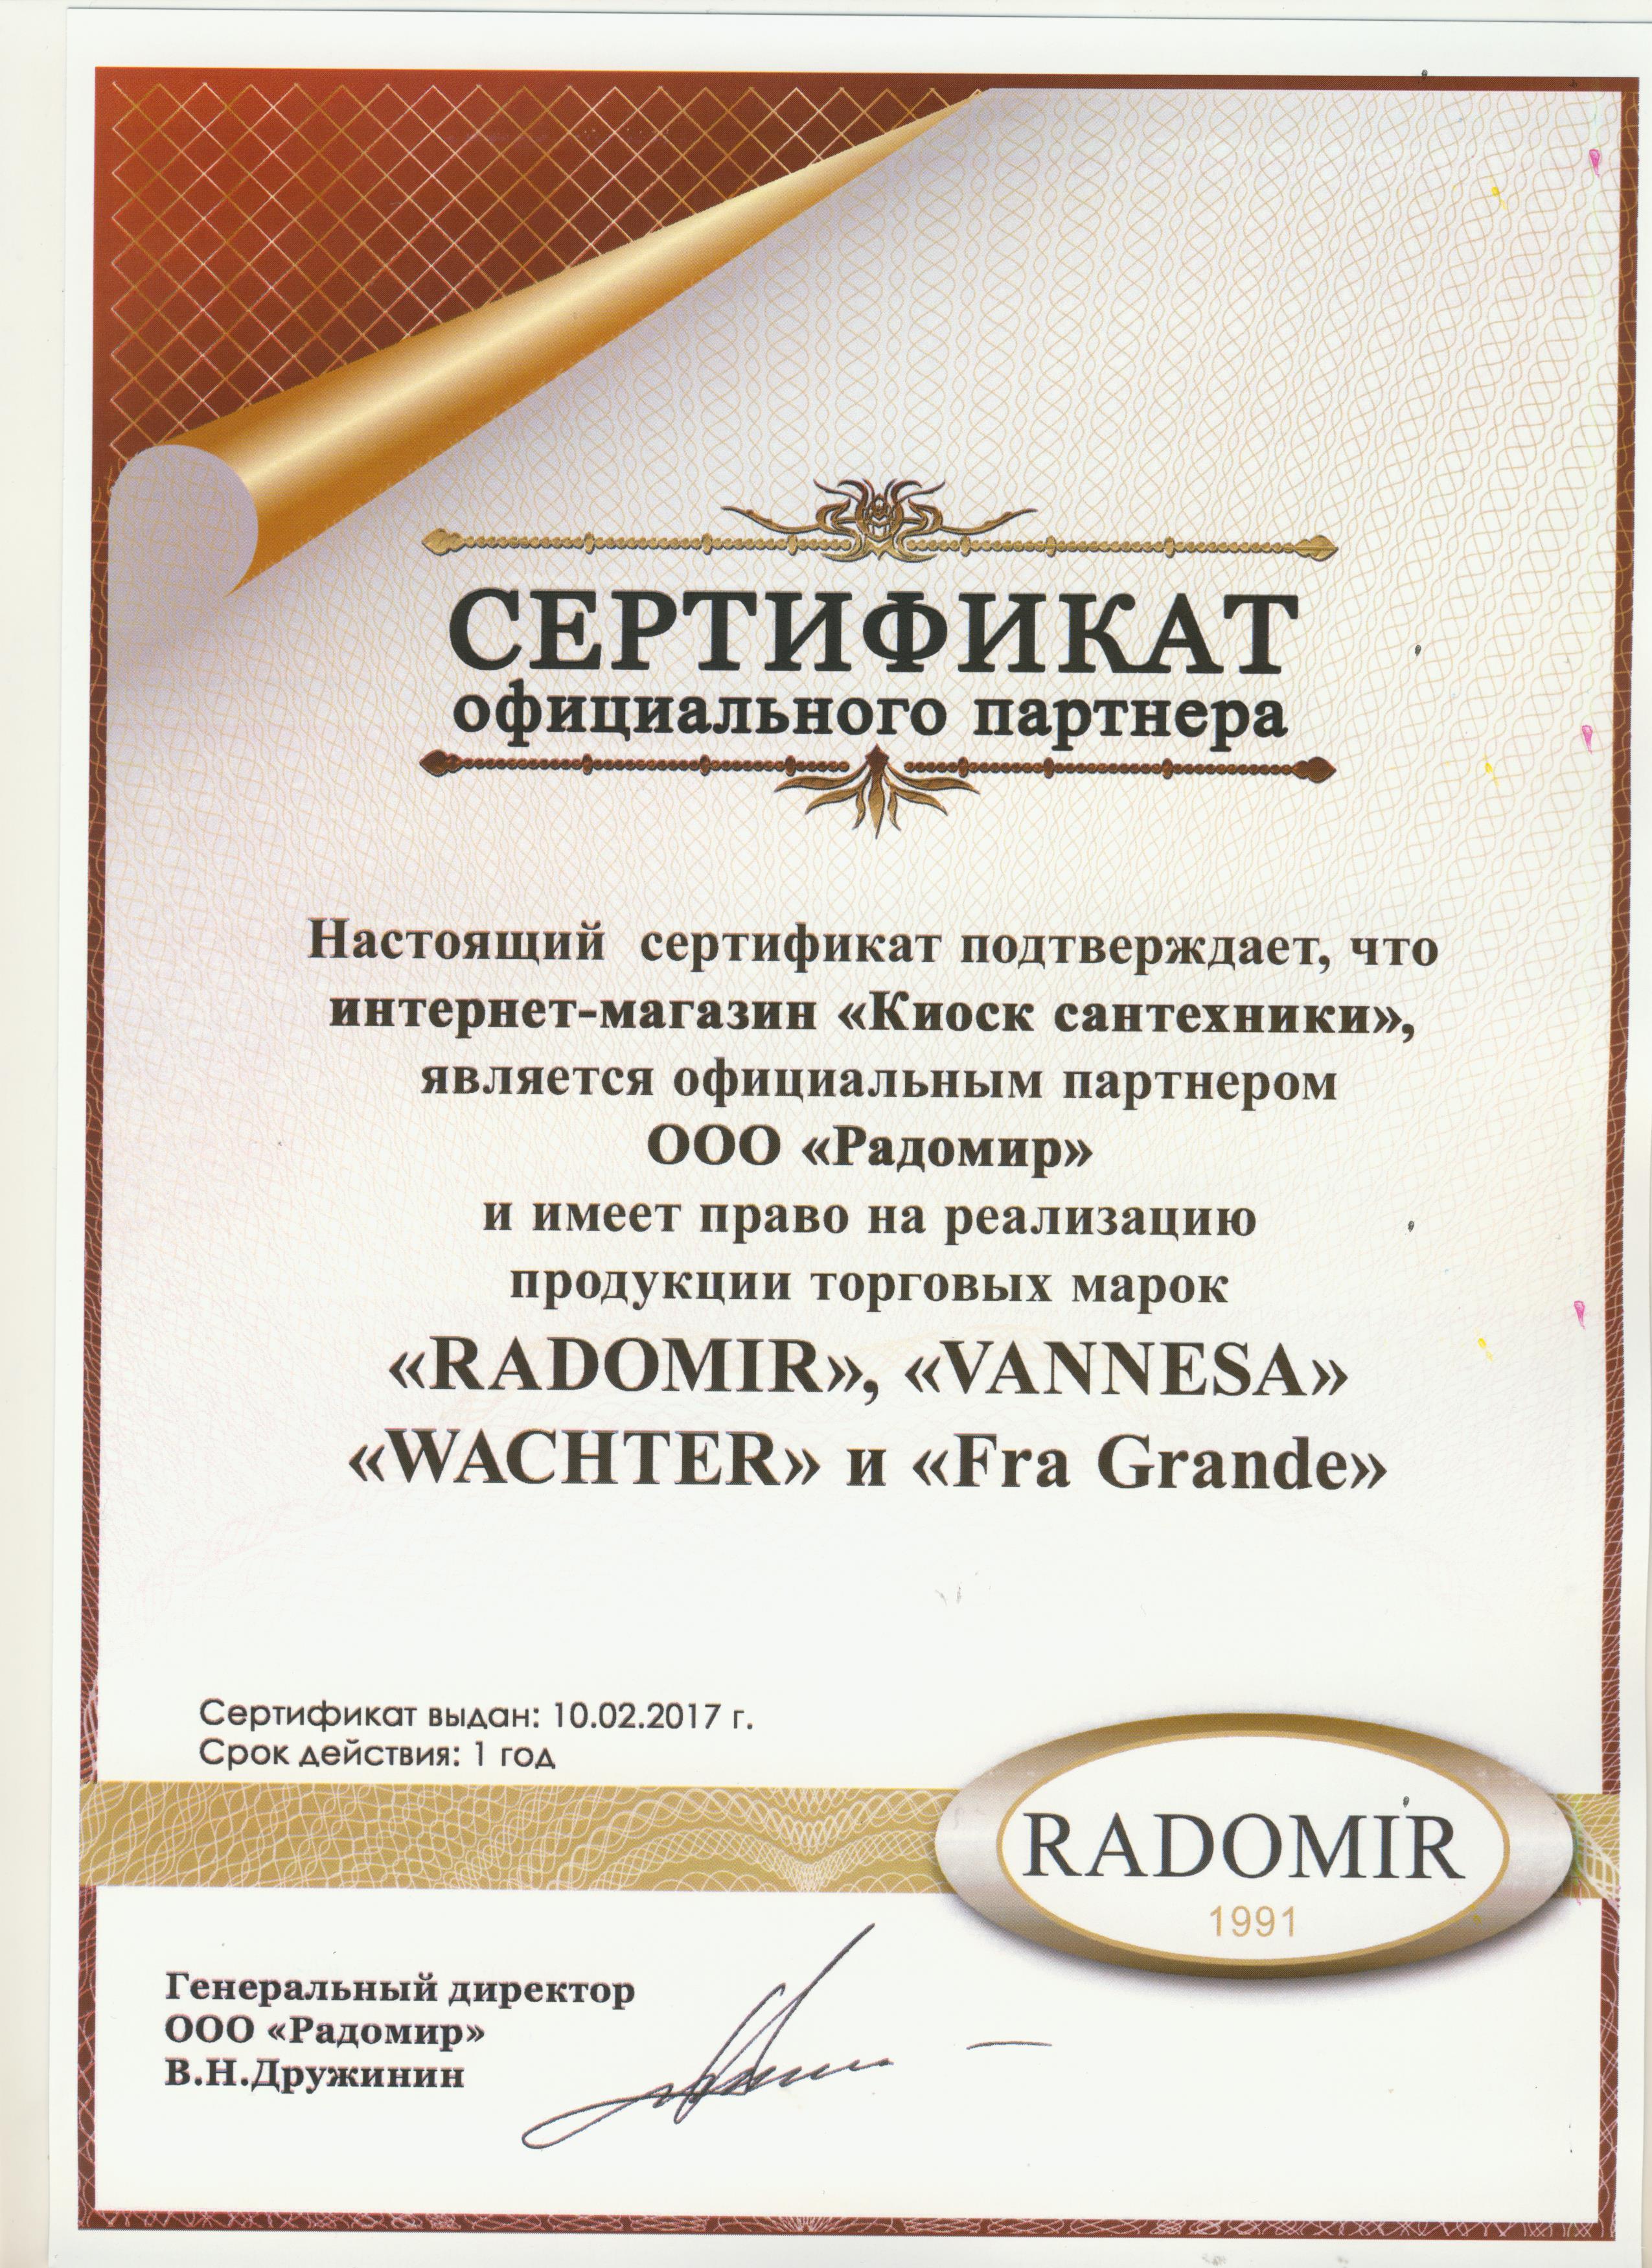 Фото 6270: Гидромассажная ванна Радомир АМЕЛИЯ (Radomir) GOLD серия Сomfort